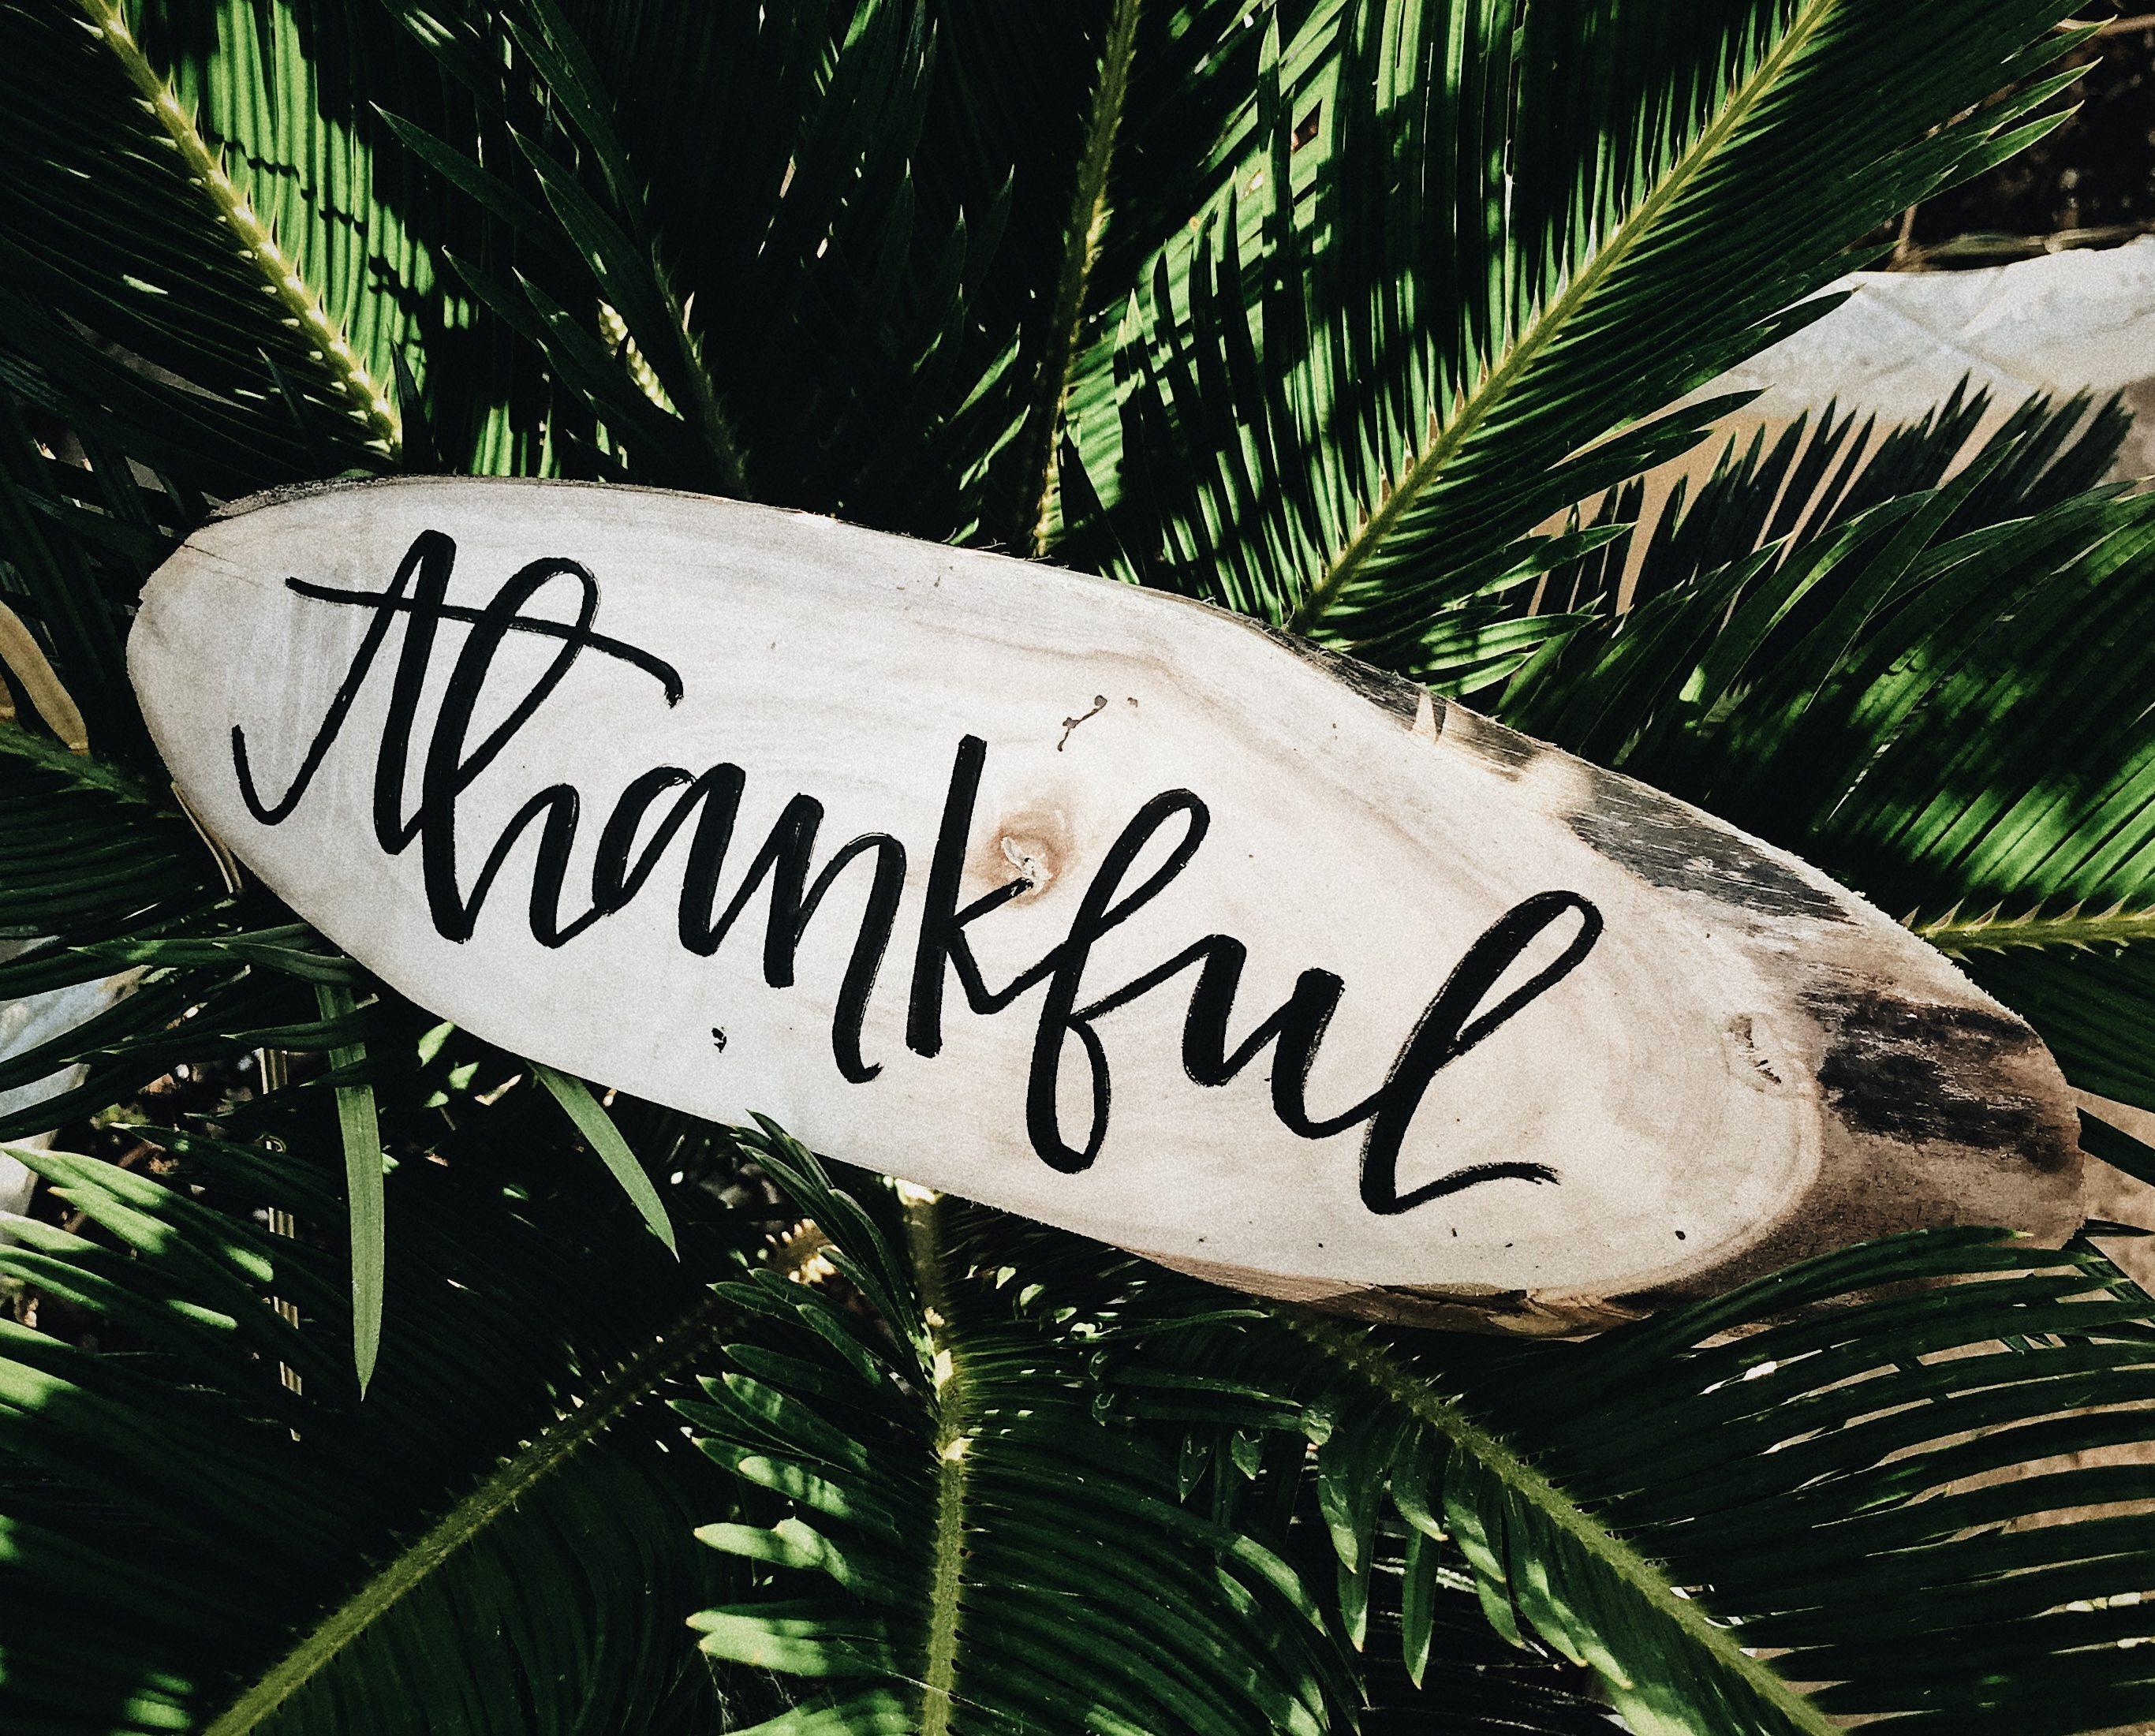 Stop alsjeblieft met dat dankbaarheidsgedoe